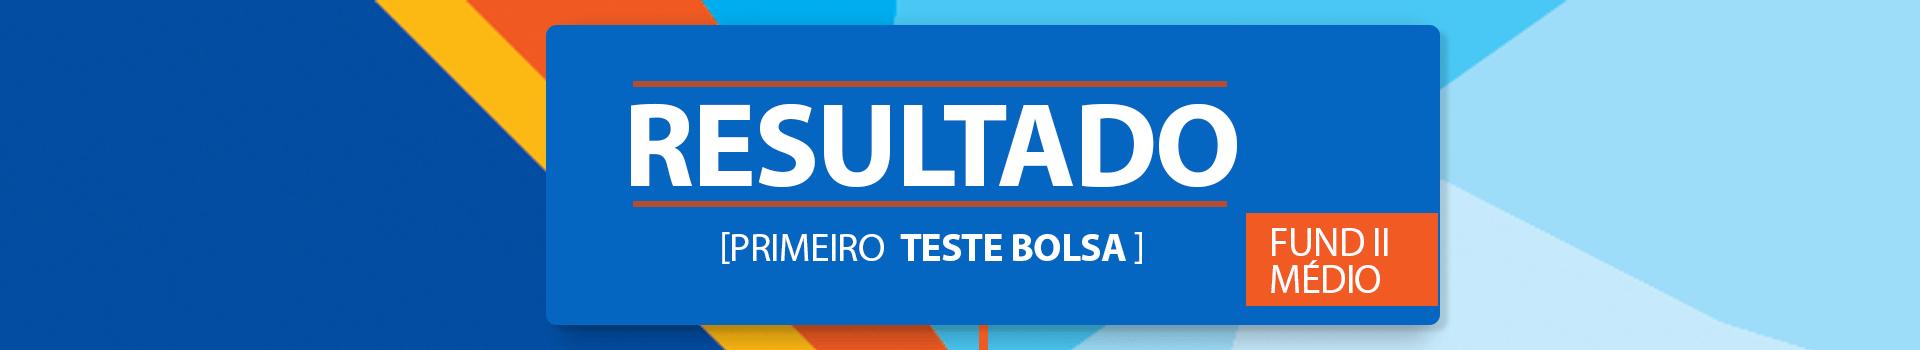 RESULTADO_SITE